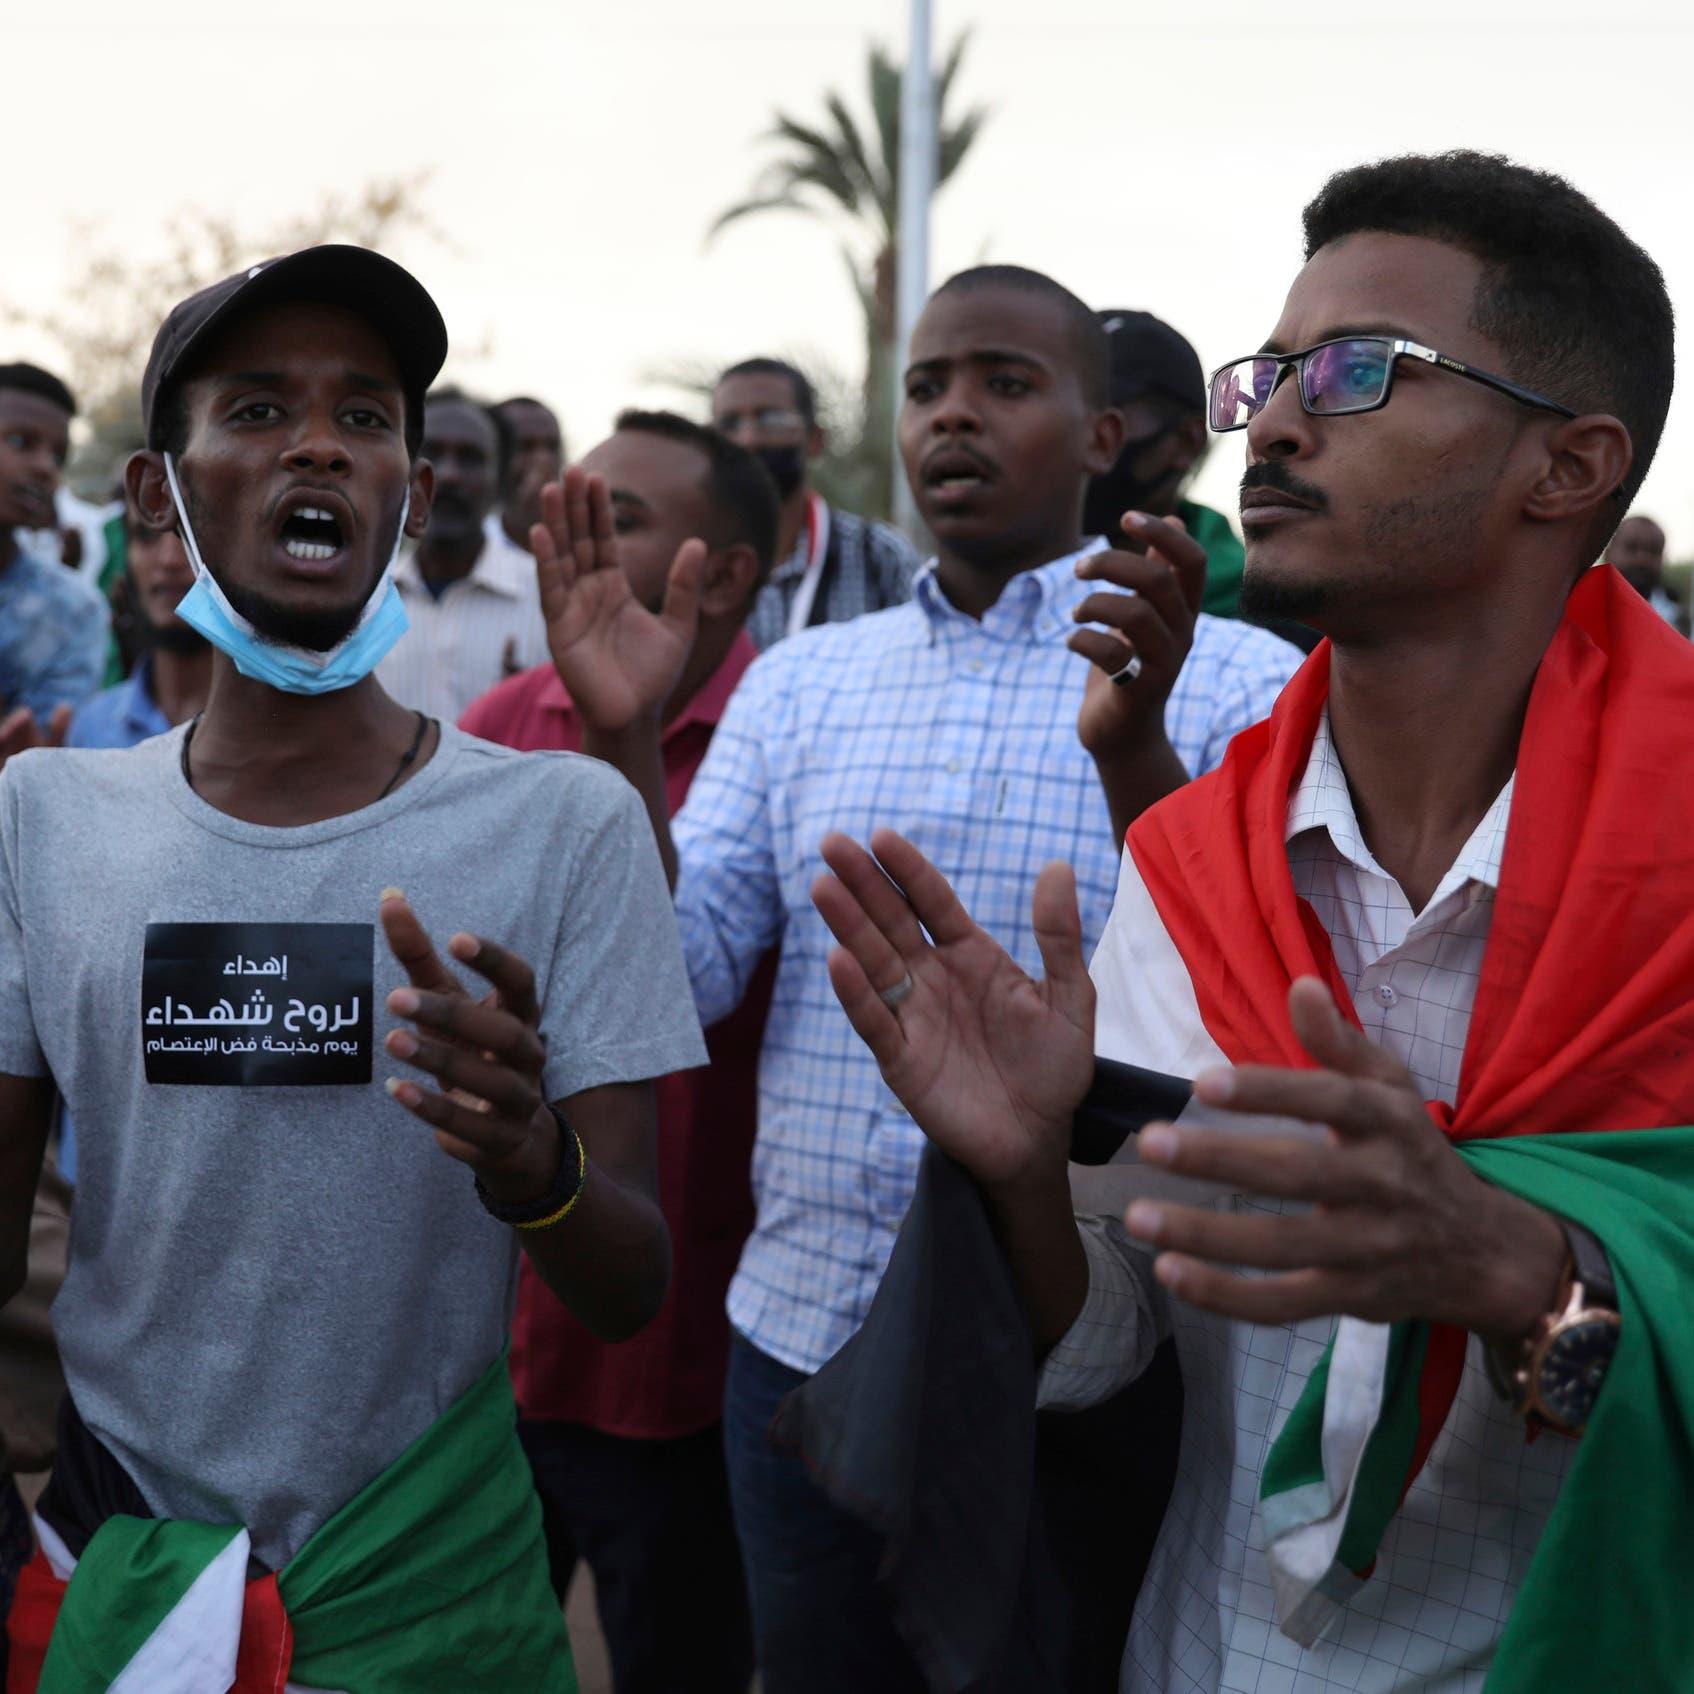 واشنطن تطالب السودان بمحاسبة المسؤولين عن مقتل متظاهرين